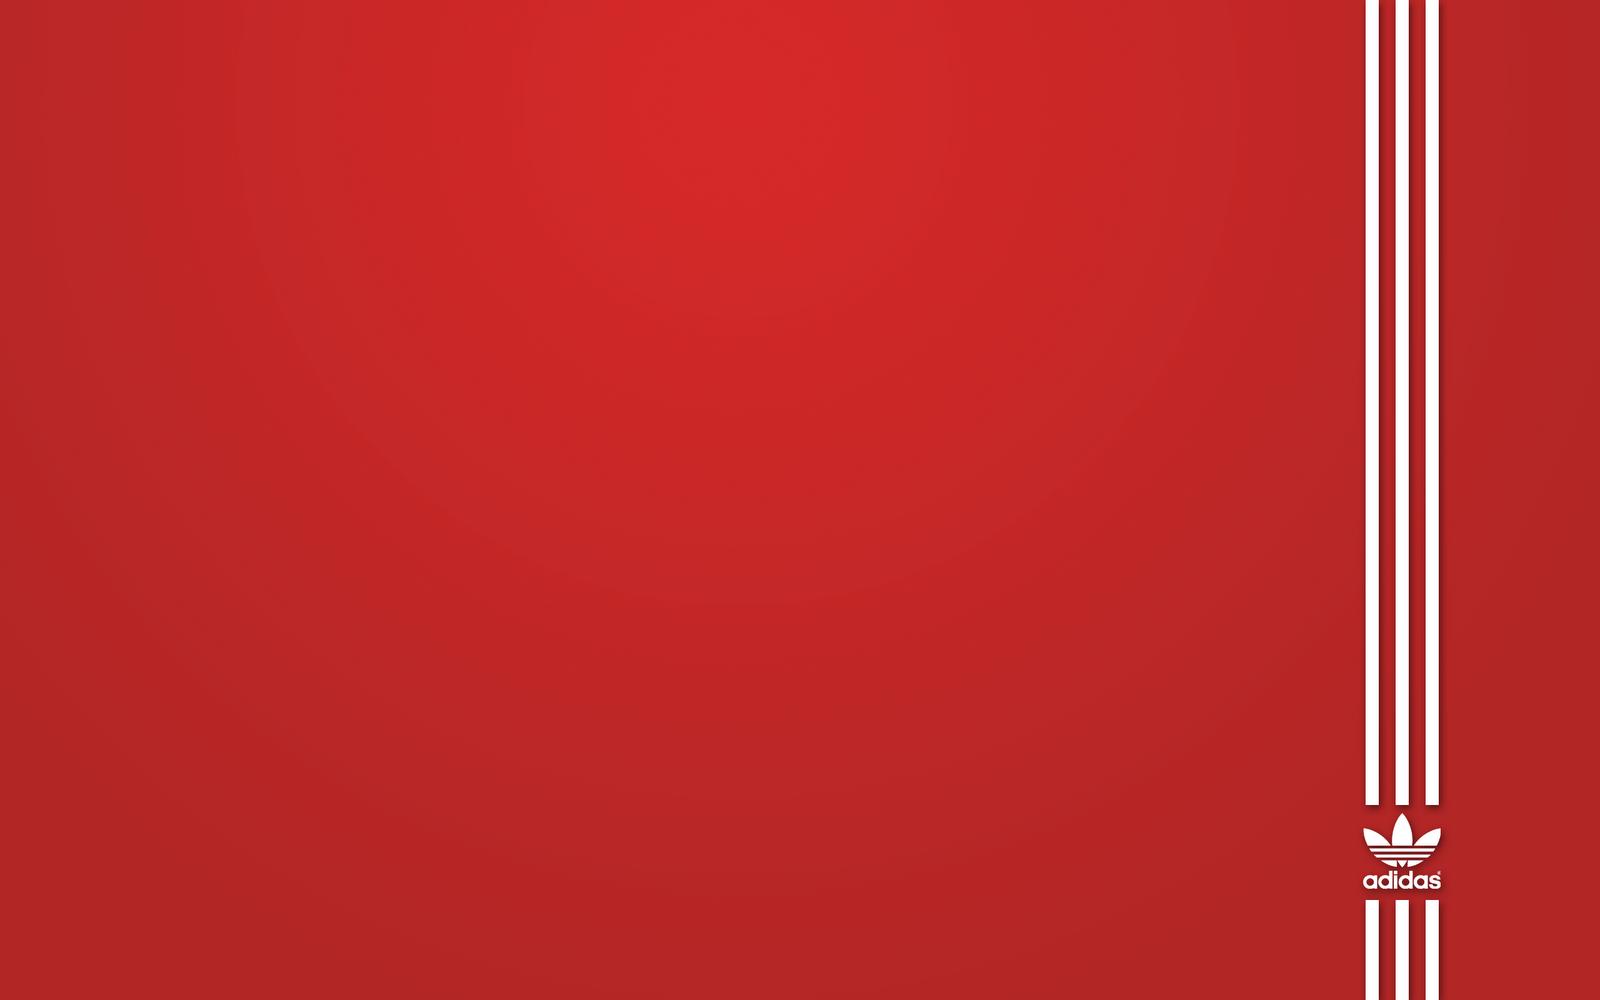 Best Wallpaper Hd Wallpaper Adidas 1600x1000